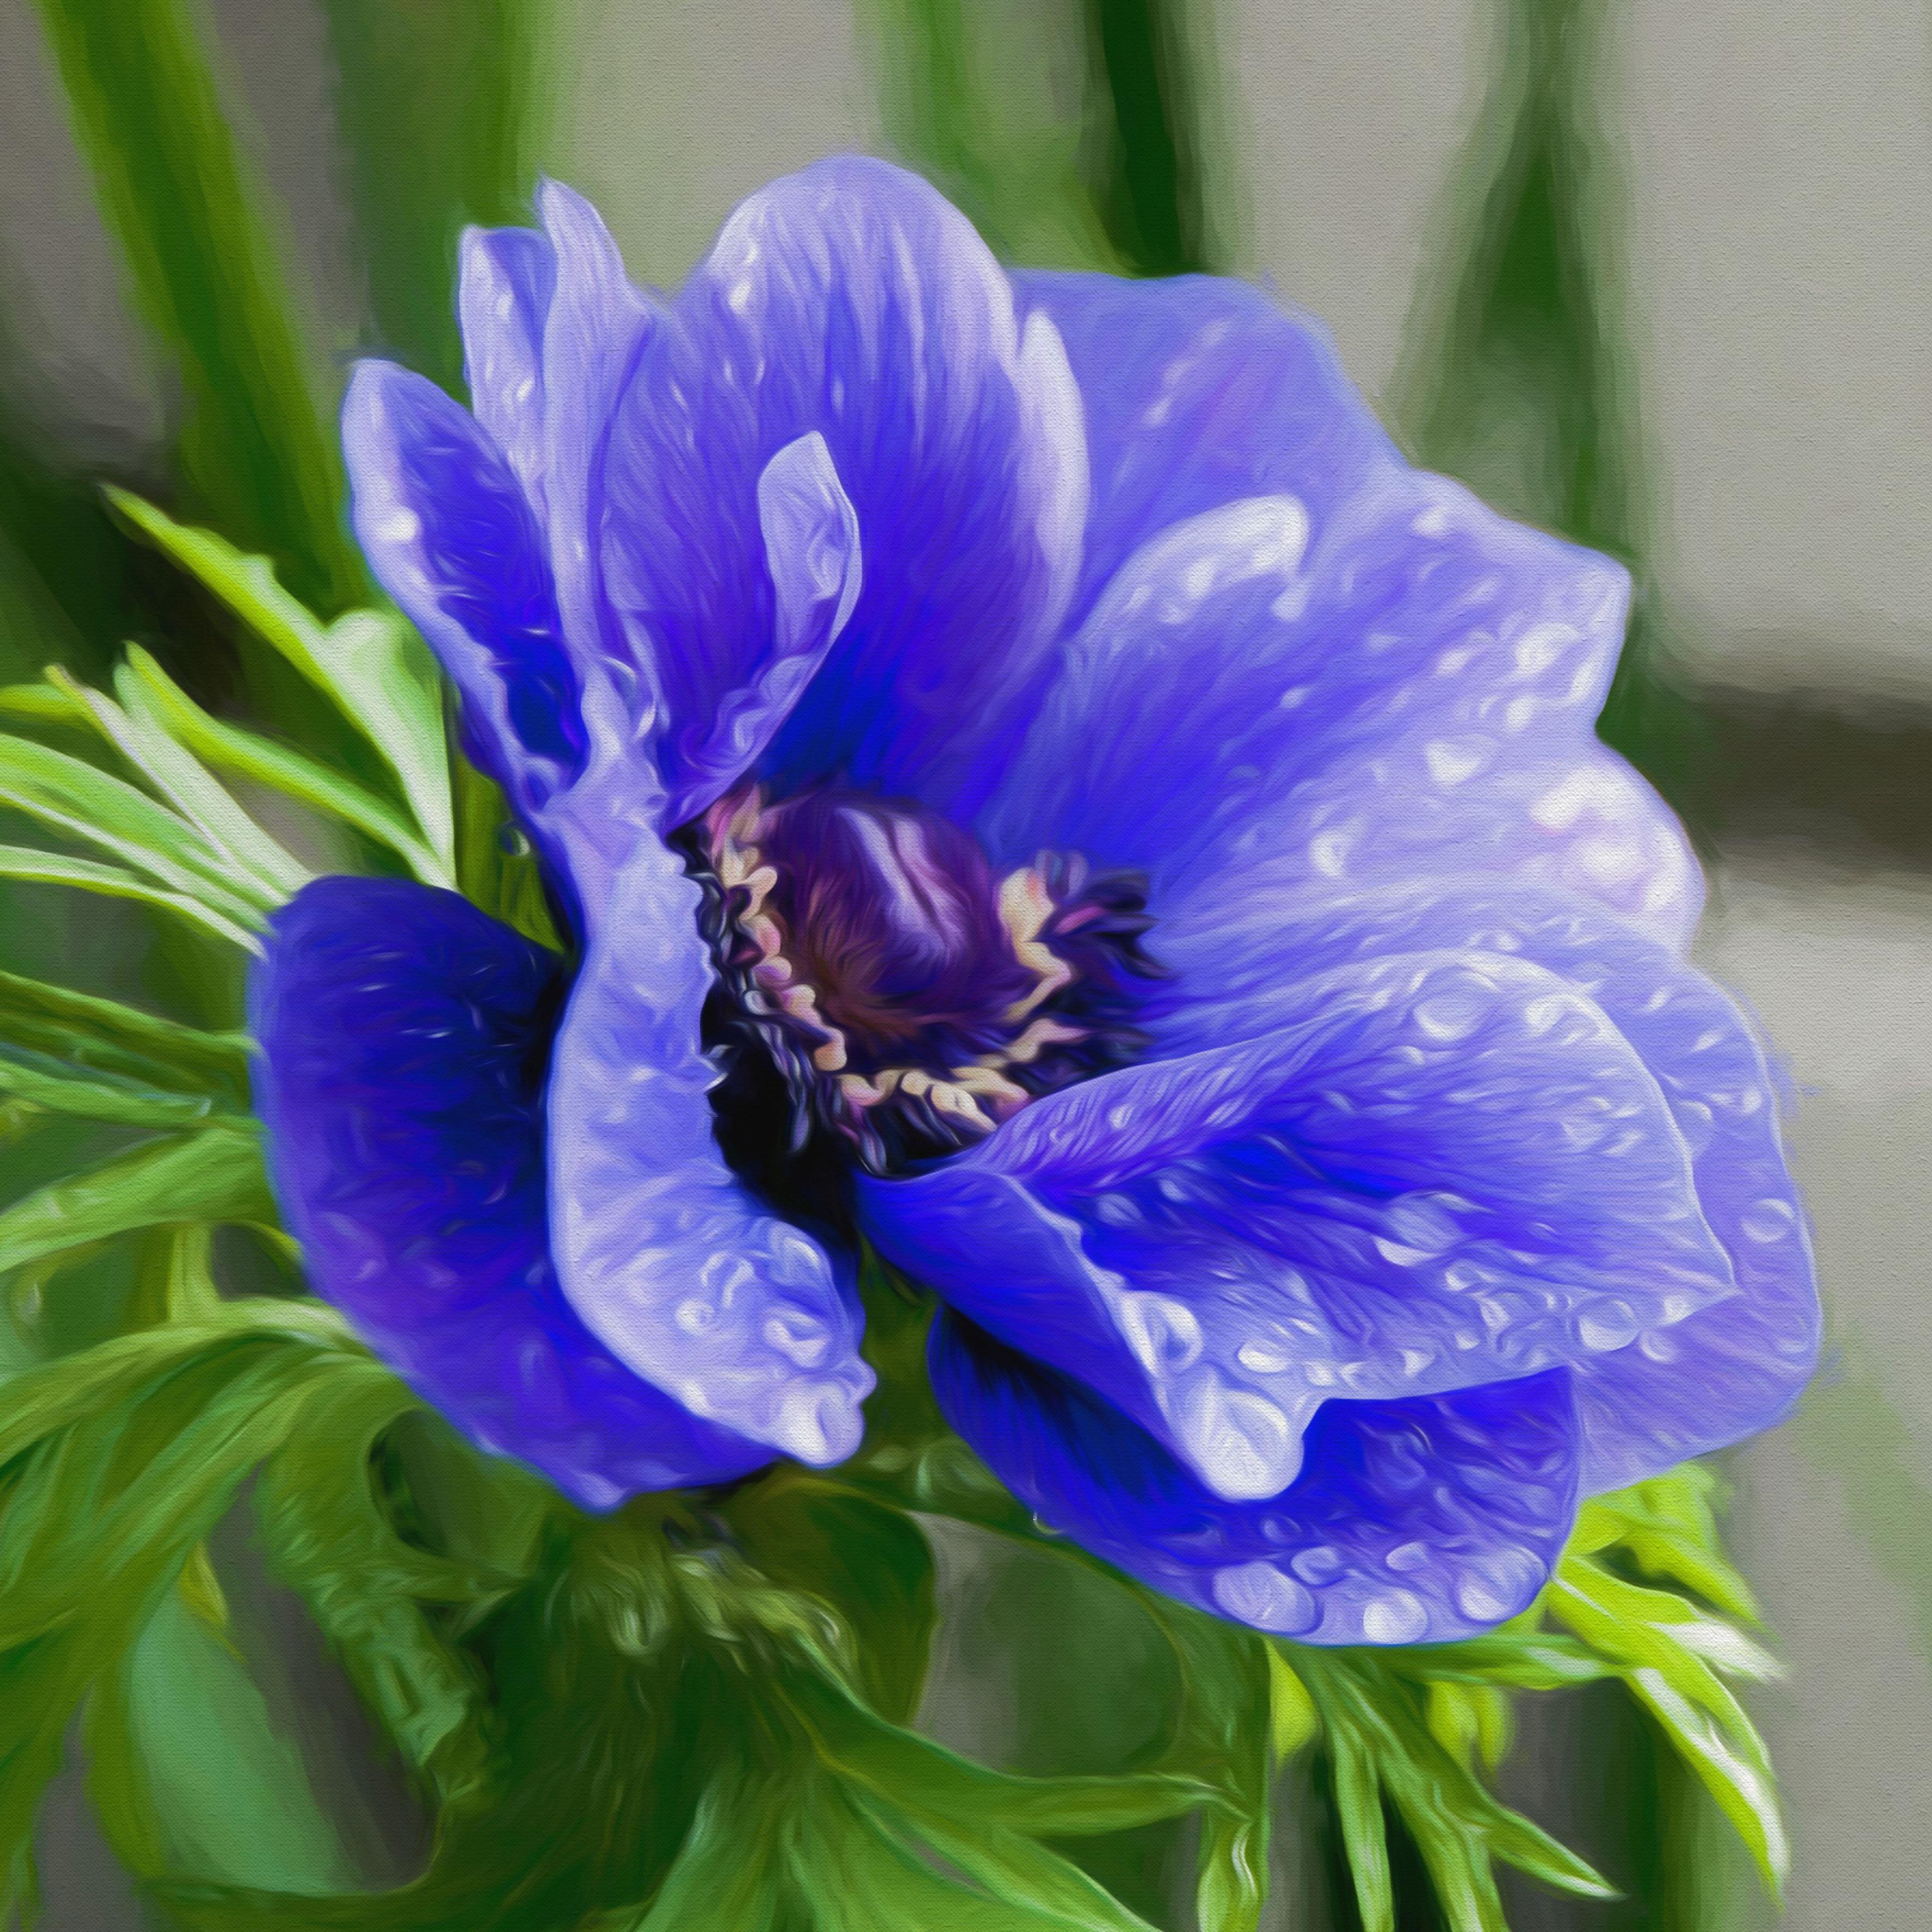 верная картинка синенькие цветы они